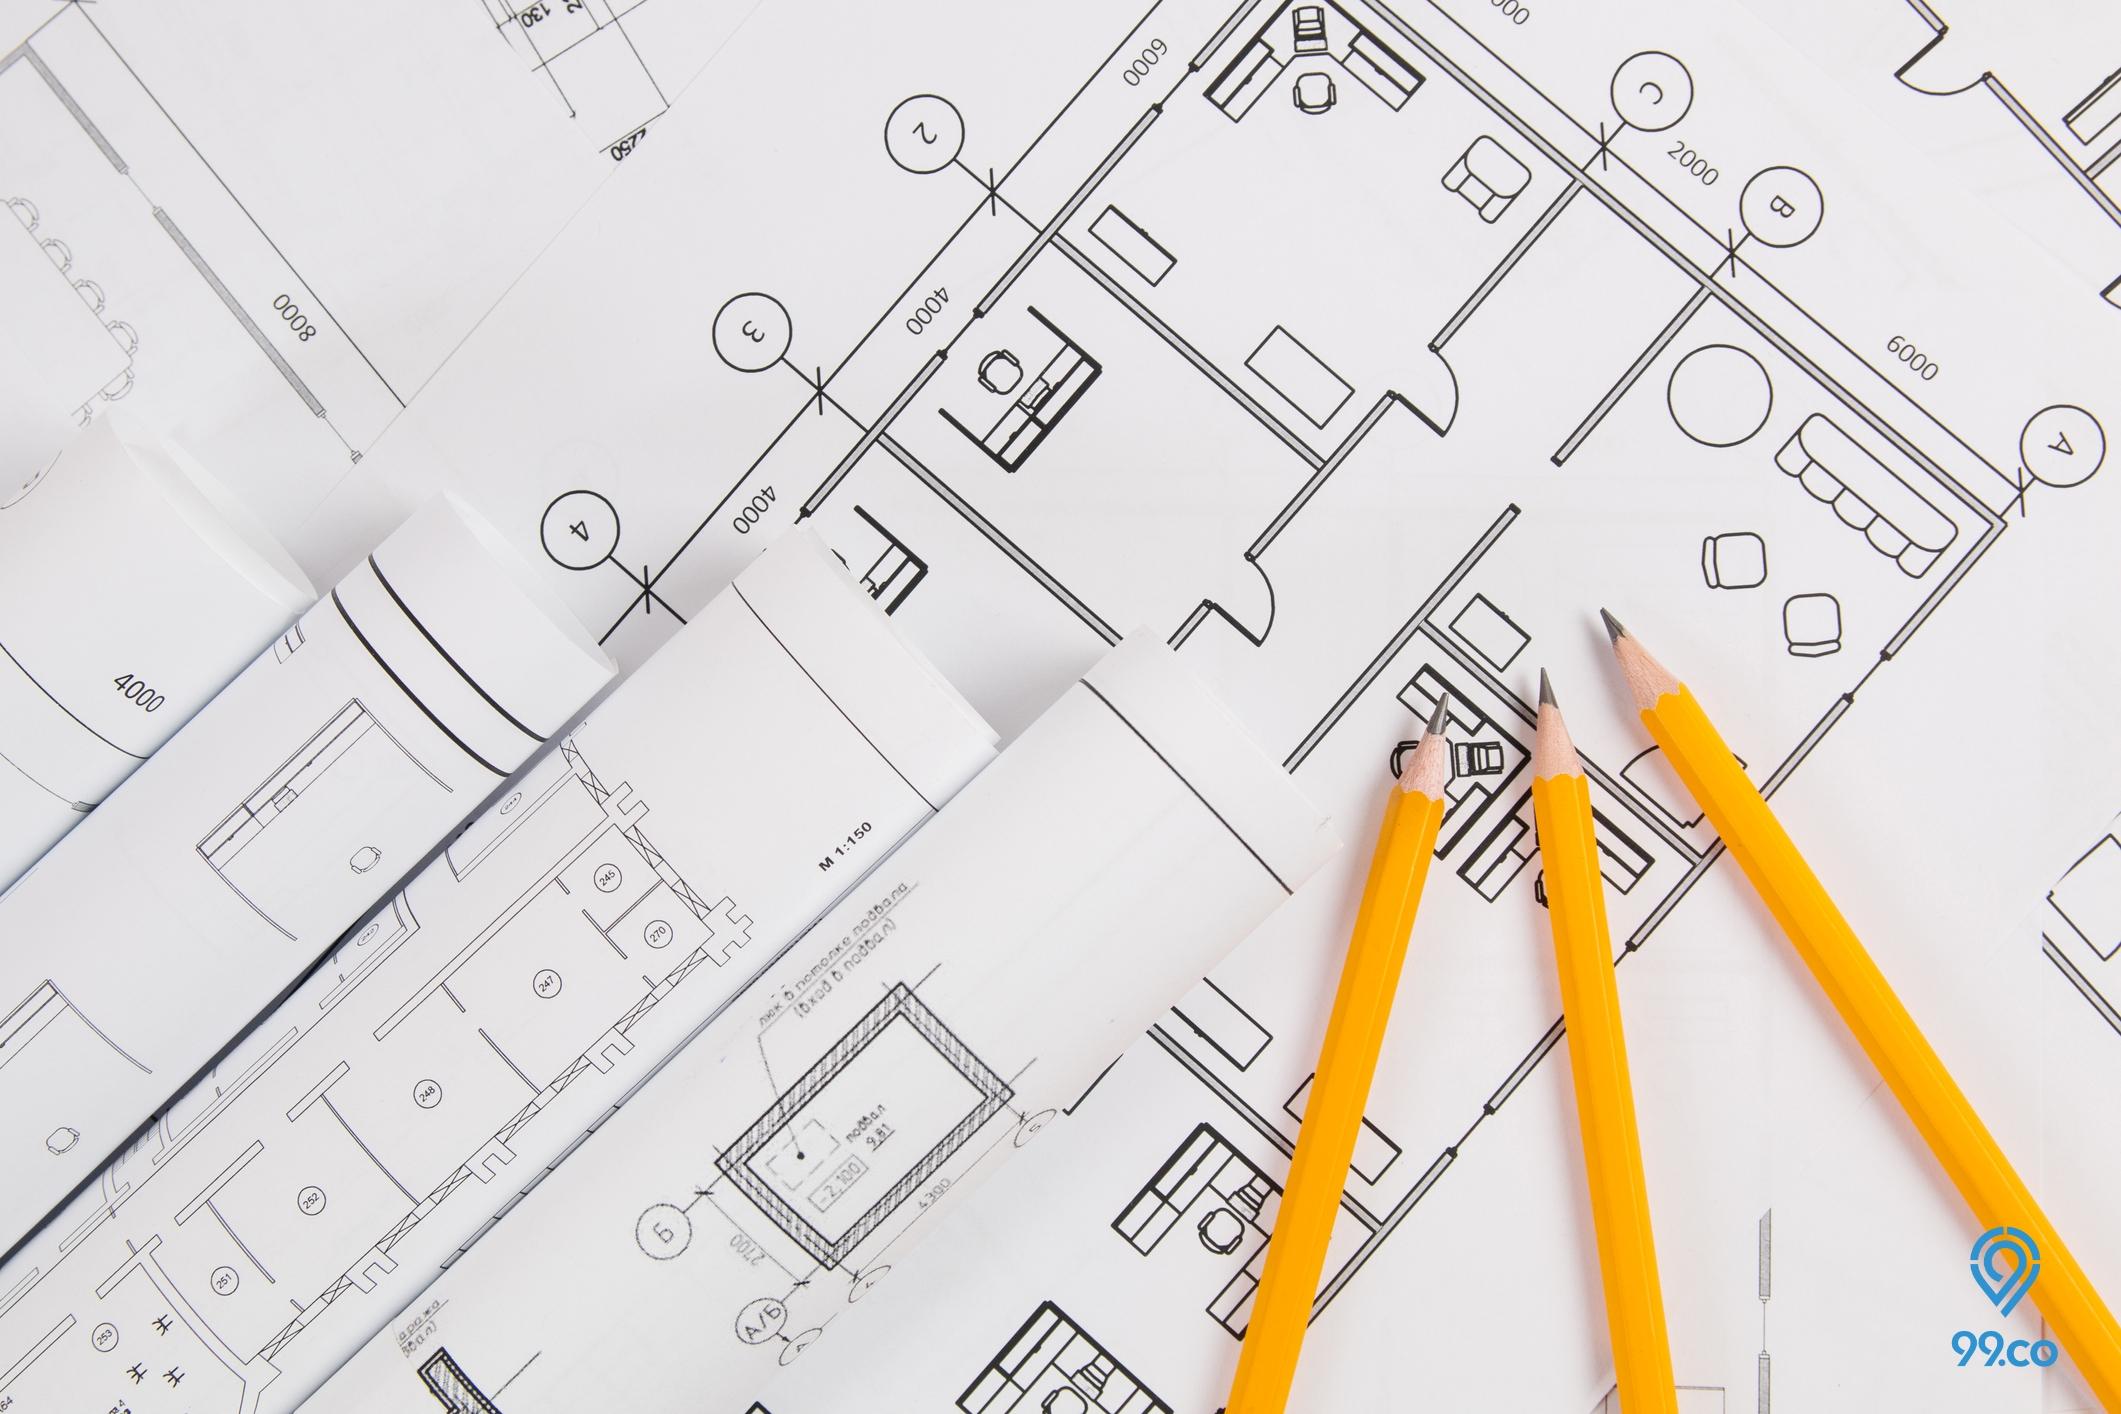 Ketentuan dan Cara Menghitung Luas Bangunan Rumah